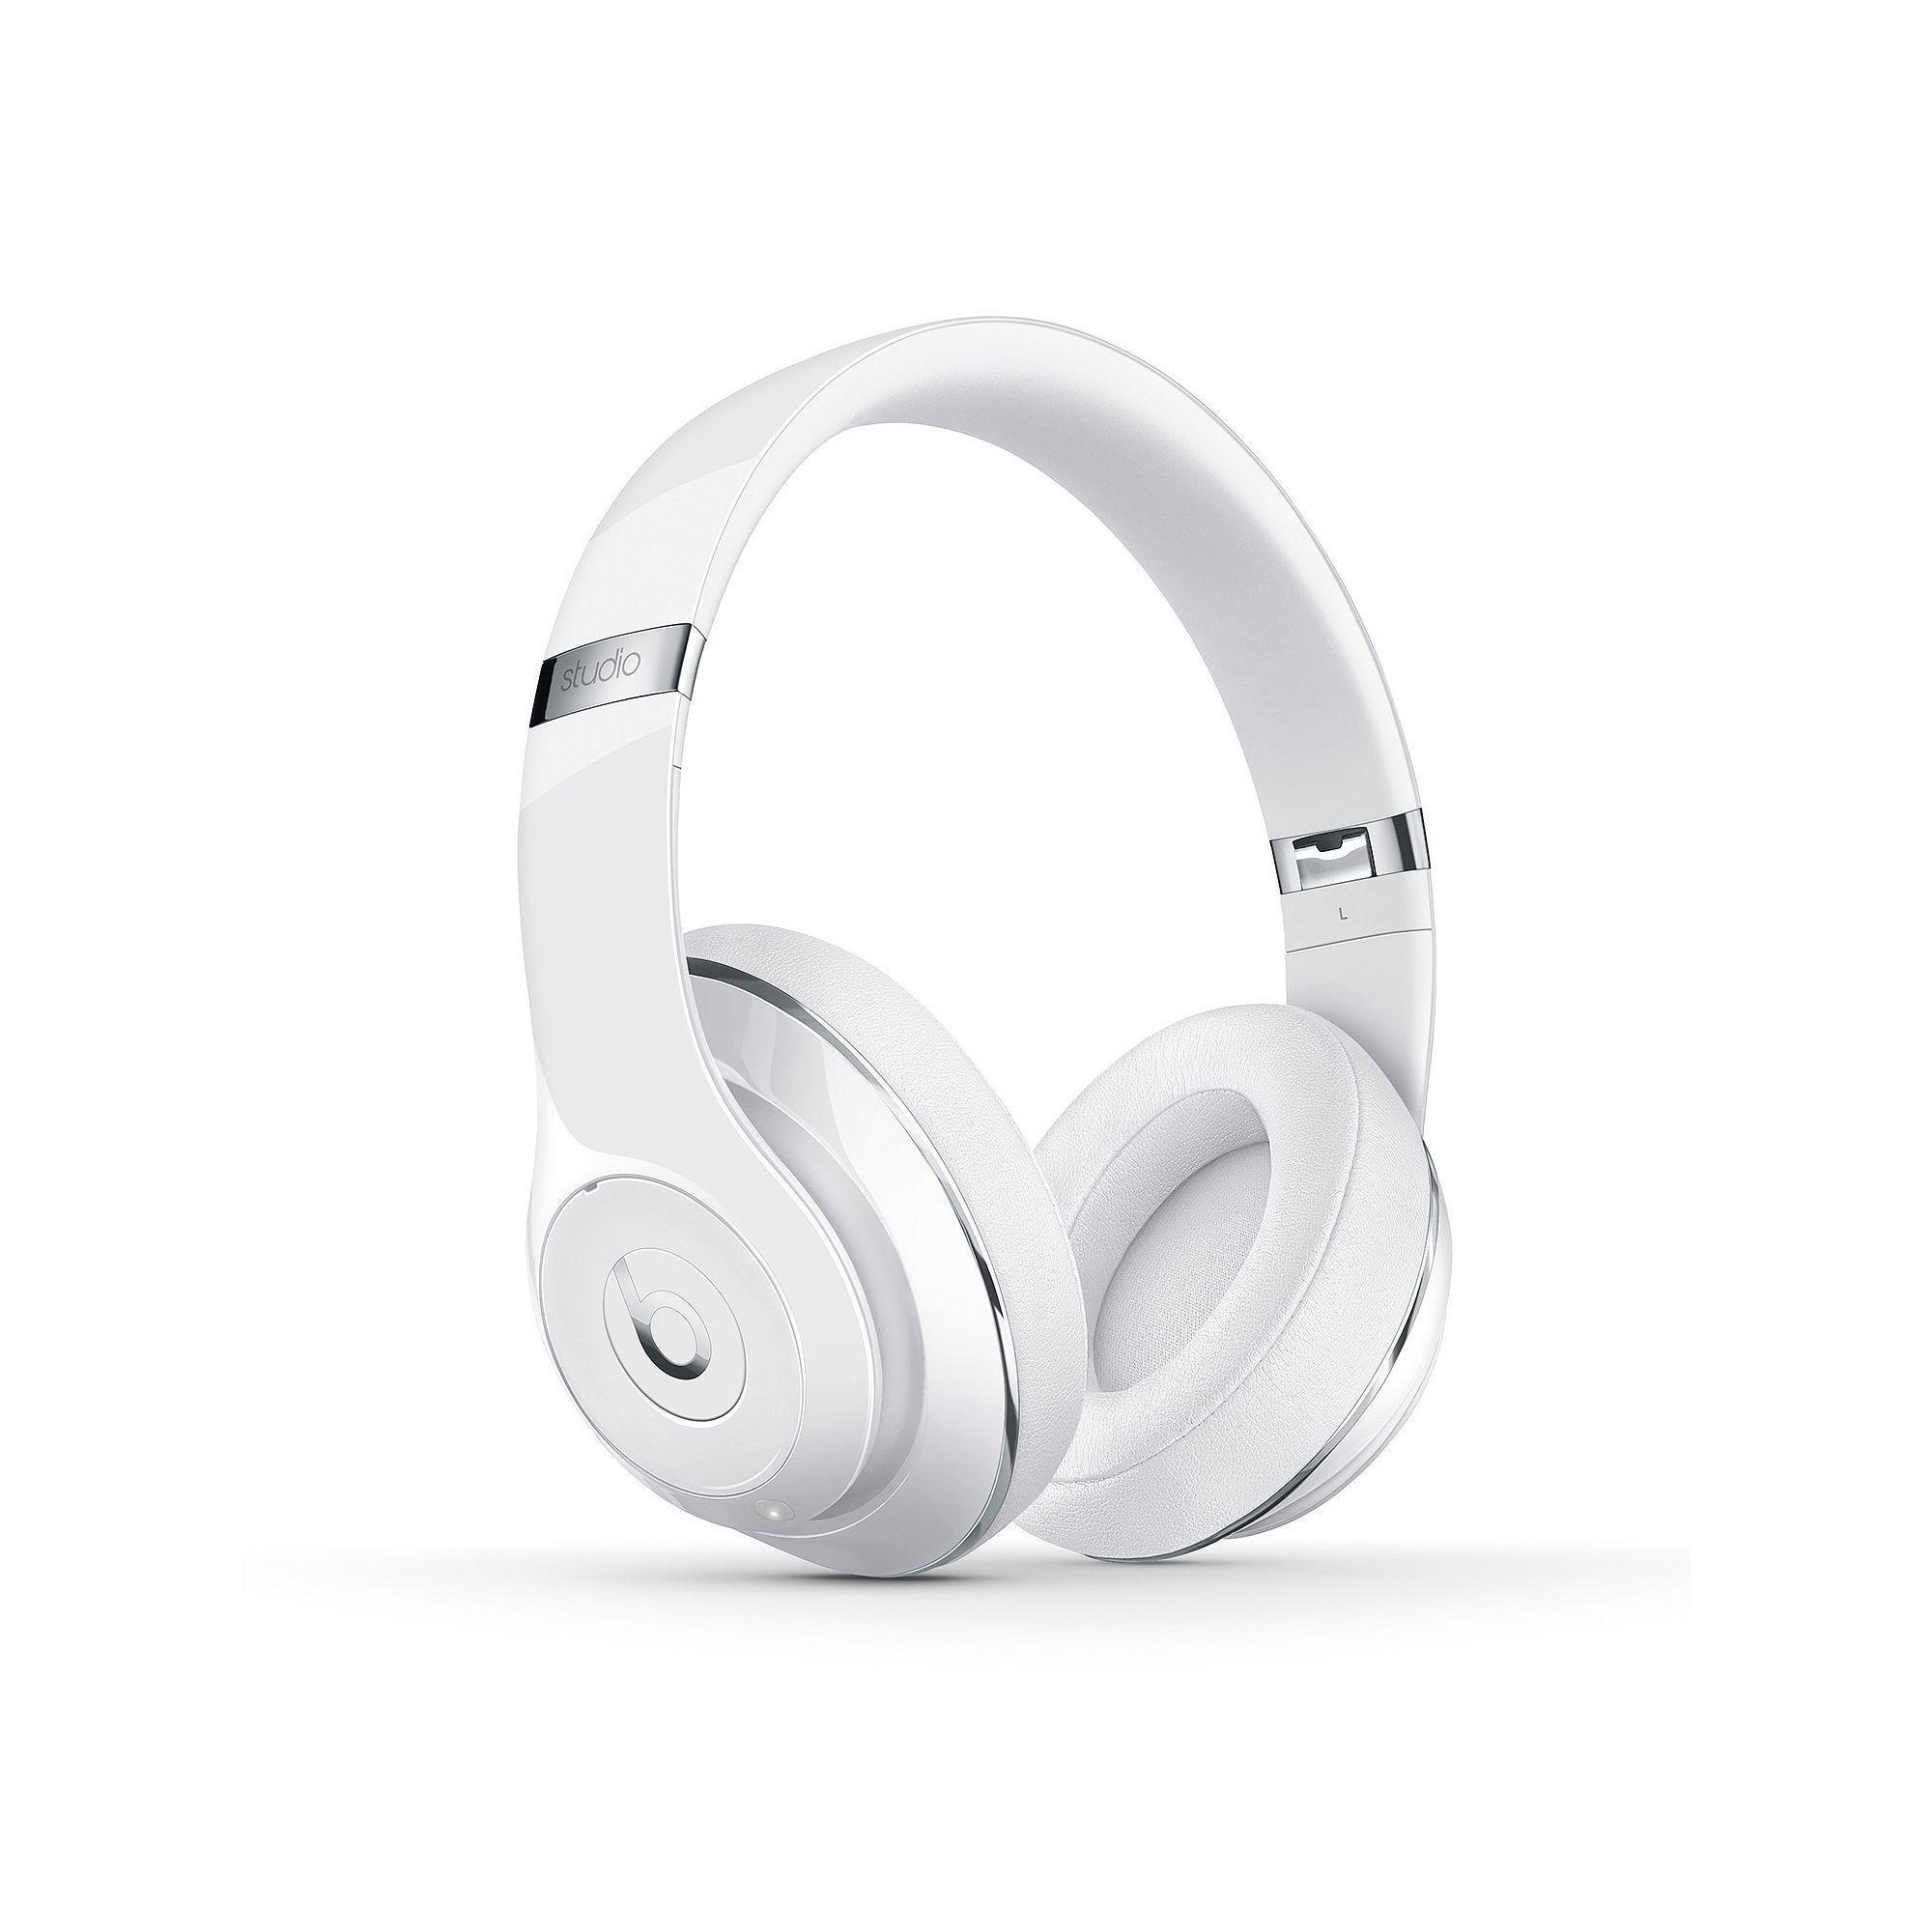 Beats studio wireless headphones headphones in ear